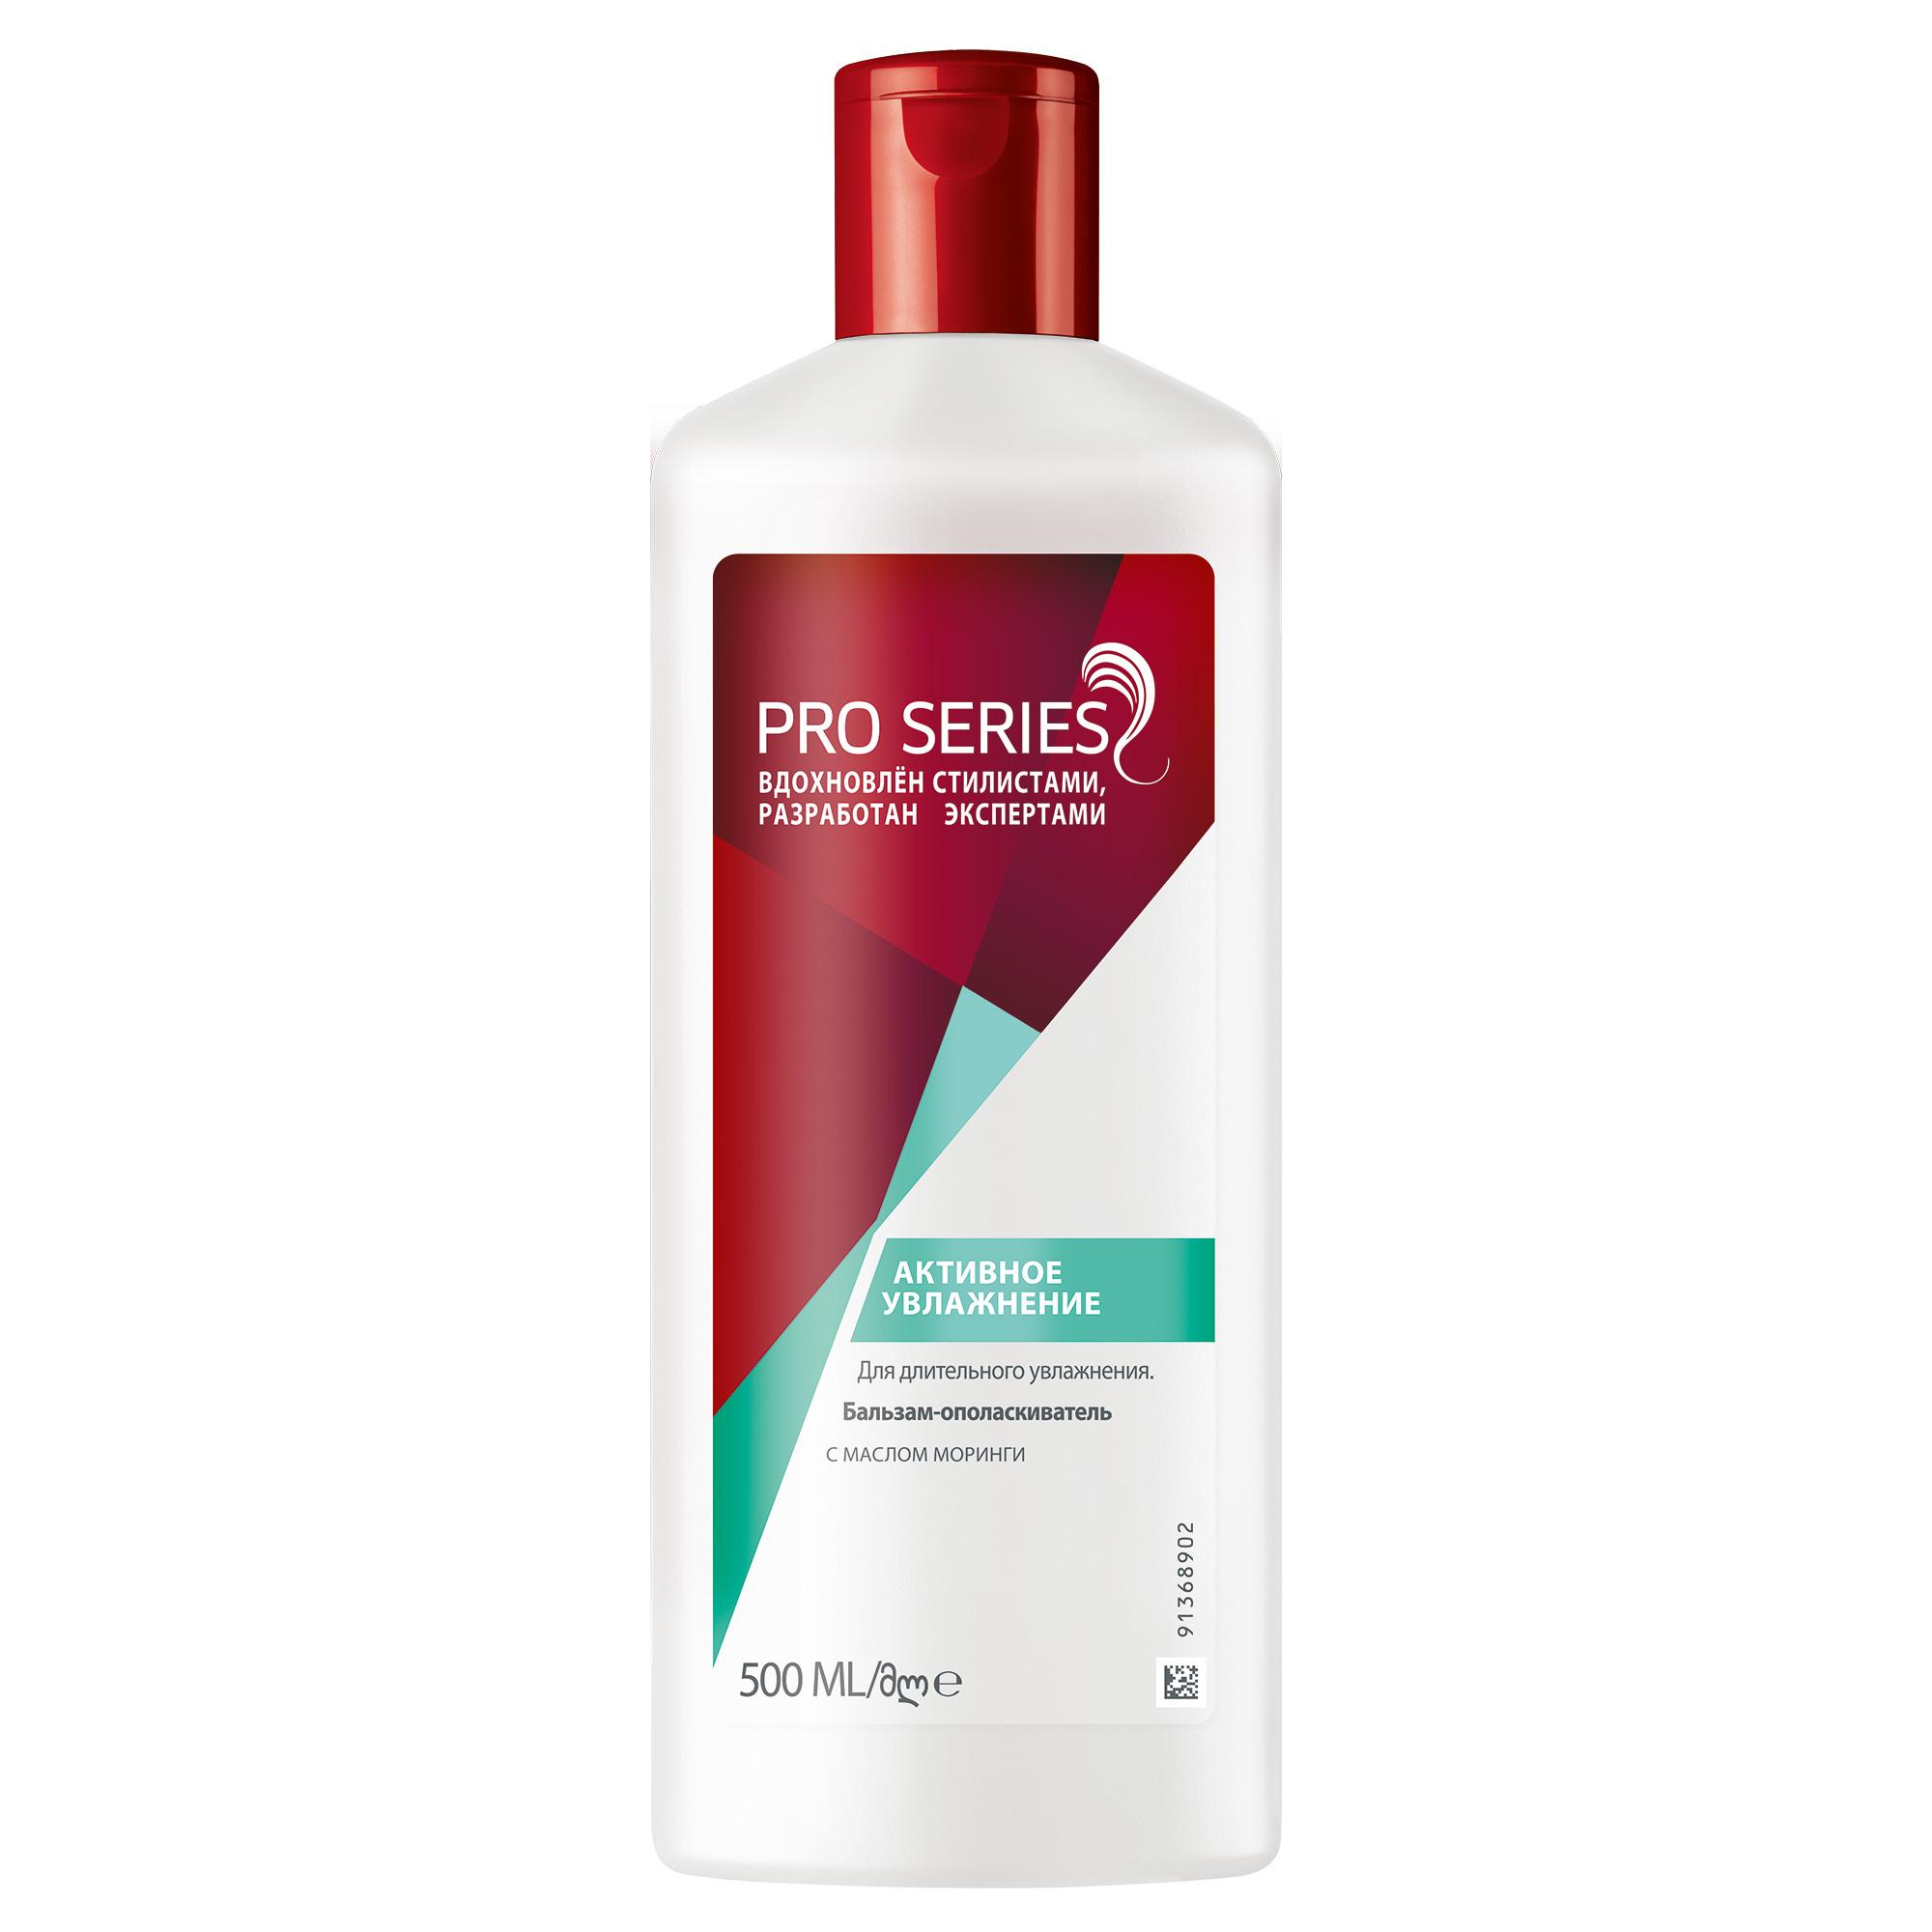 Фото - Шампунь Wella Pro Series Moisture 500 мл (WL-81295897) шампунь для гладкости волос pro series гладкие и шелковистые 500 мл